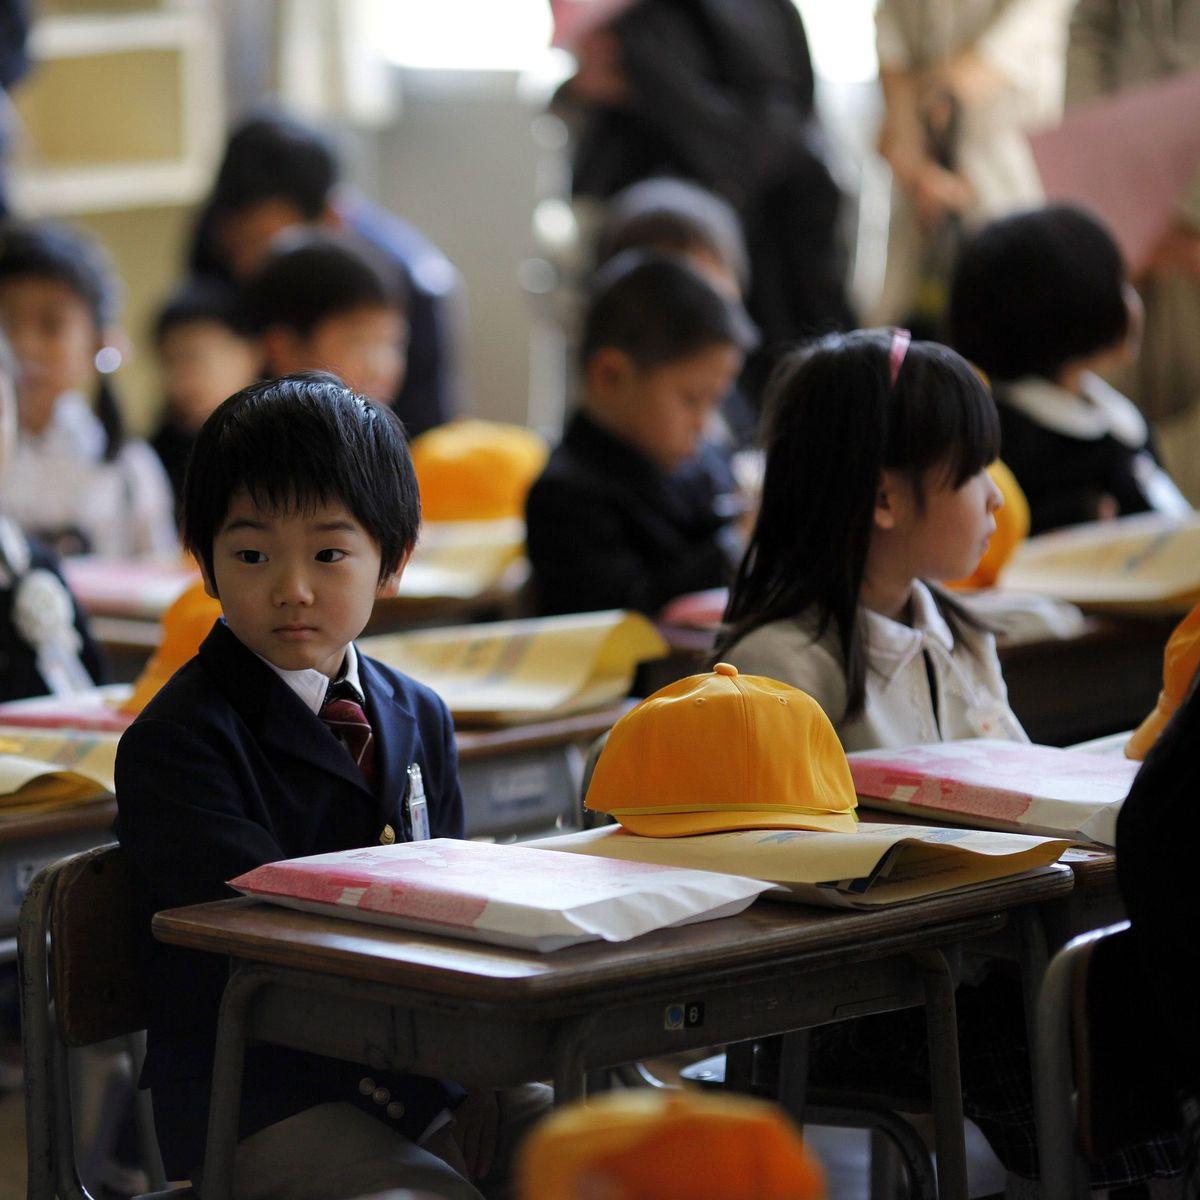 Japanische Schule Turnhalle Uniform